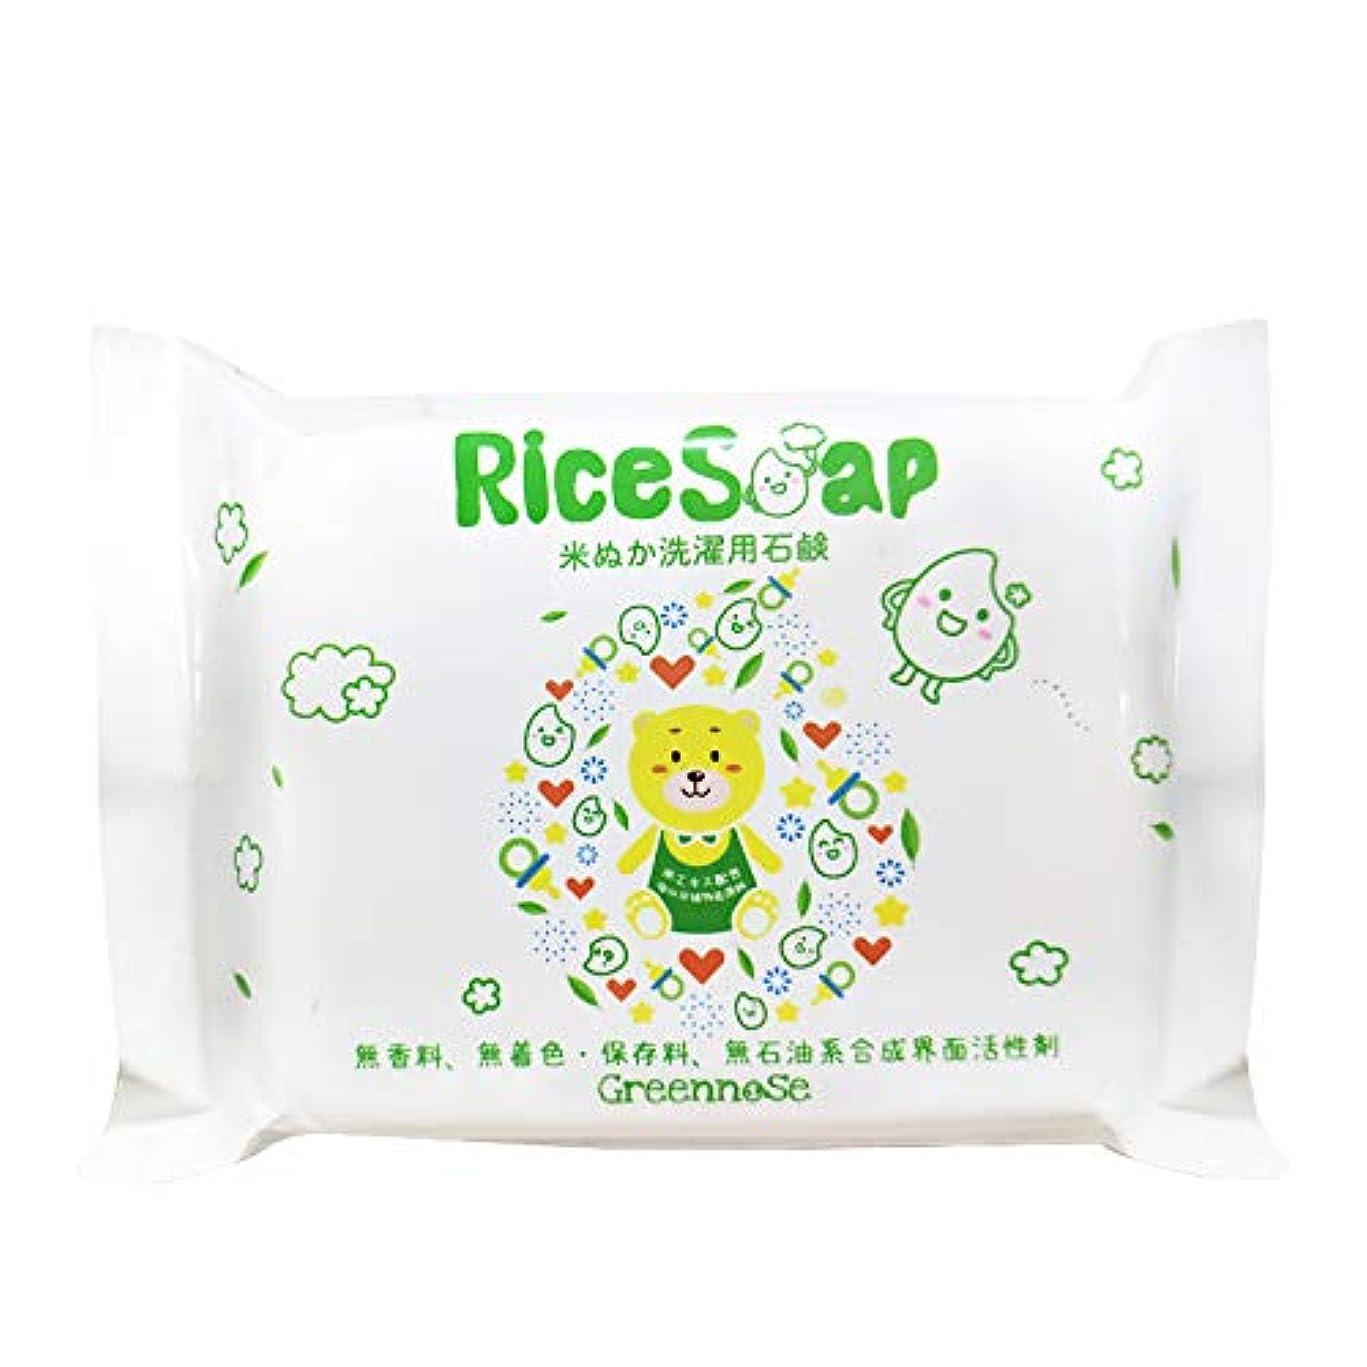 ベーカリー純粋なちなみにGREENNOSE 米ぬか洗濯用石鹸 150g